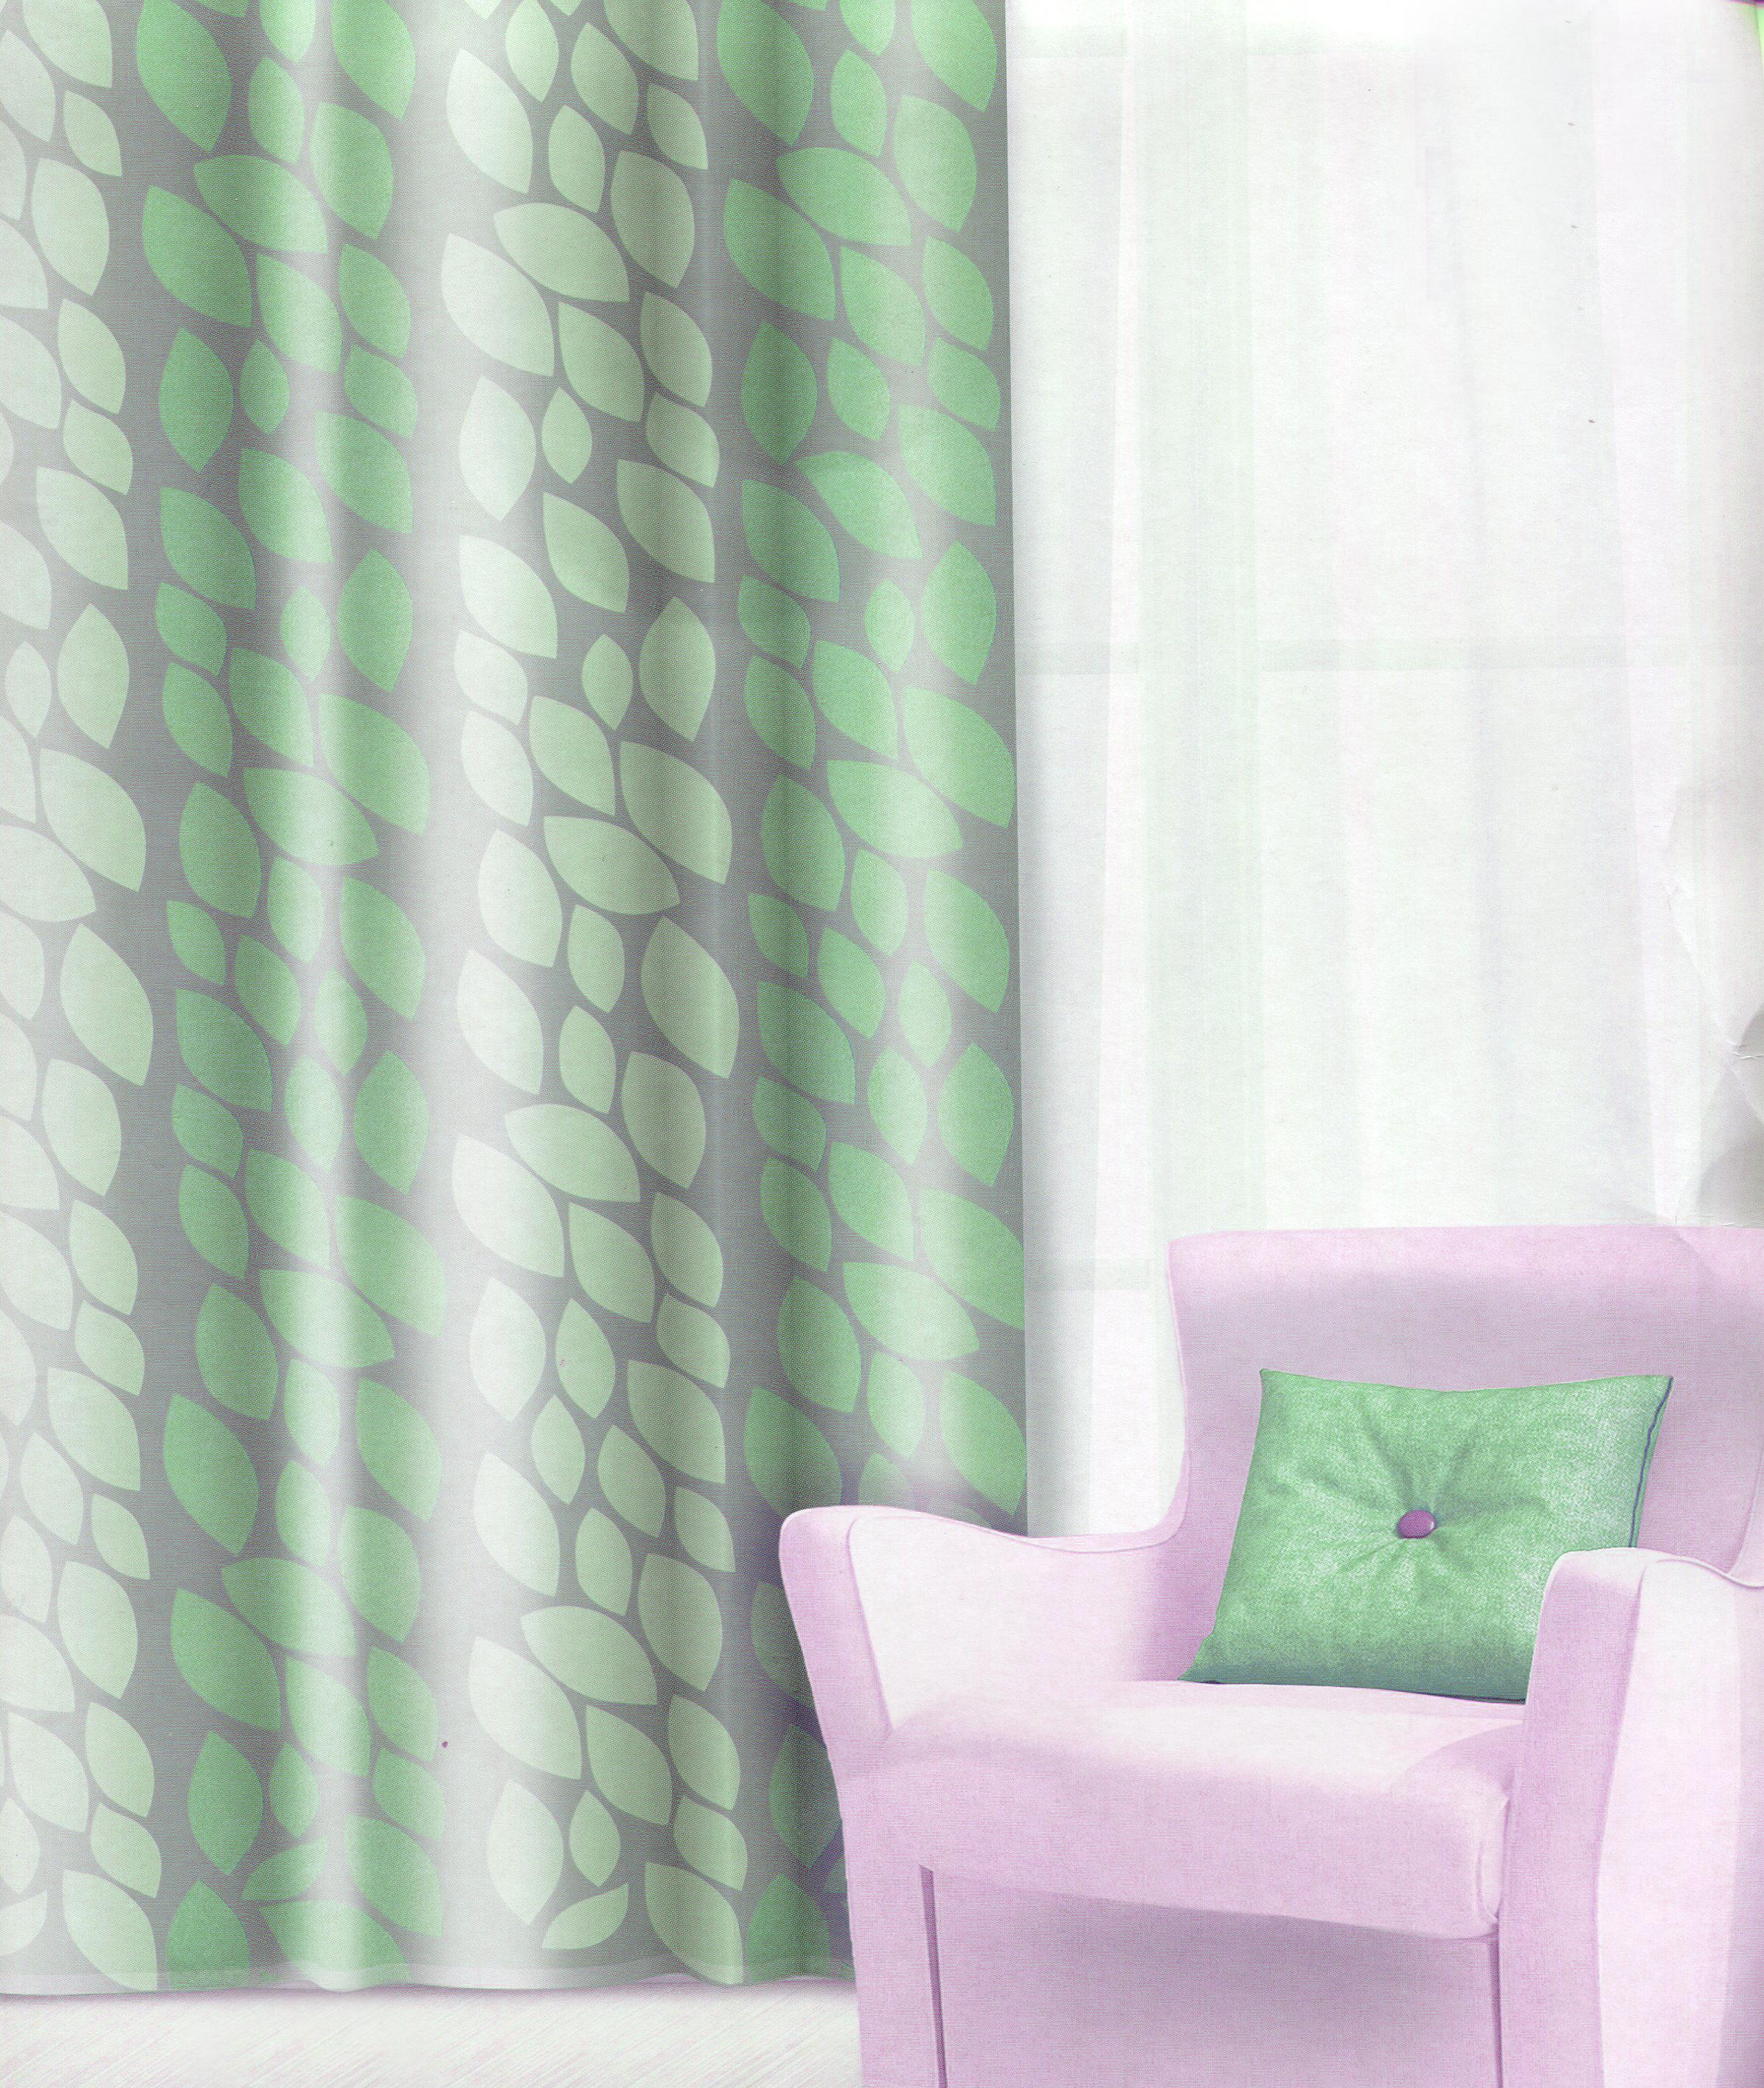 Штора Home Queen Листья, на люверсах, цвет: зеленый, высота 275 см65014Изящная штора Home Queen Листья выполнена из плотного полотна (полиэстера) с эффектным жаккардовым рисунком в виде листьев. Затемняющая штора защищает комнату от дневного света и ночного уличного освещения. Плотная ткань и приятная цветовая гамма привлекут к себе внимание и органично впишутся в интерьер помещения. Эта штора будет долгое время радовать вас и вашу семью! Штора крепится на карниз при помощи люверсов. Диаметр отверстия люверса: 4 см.